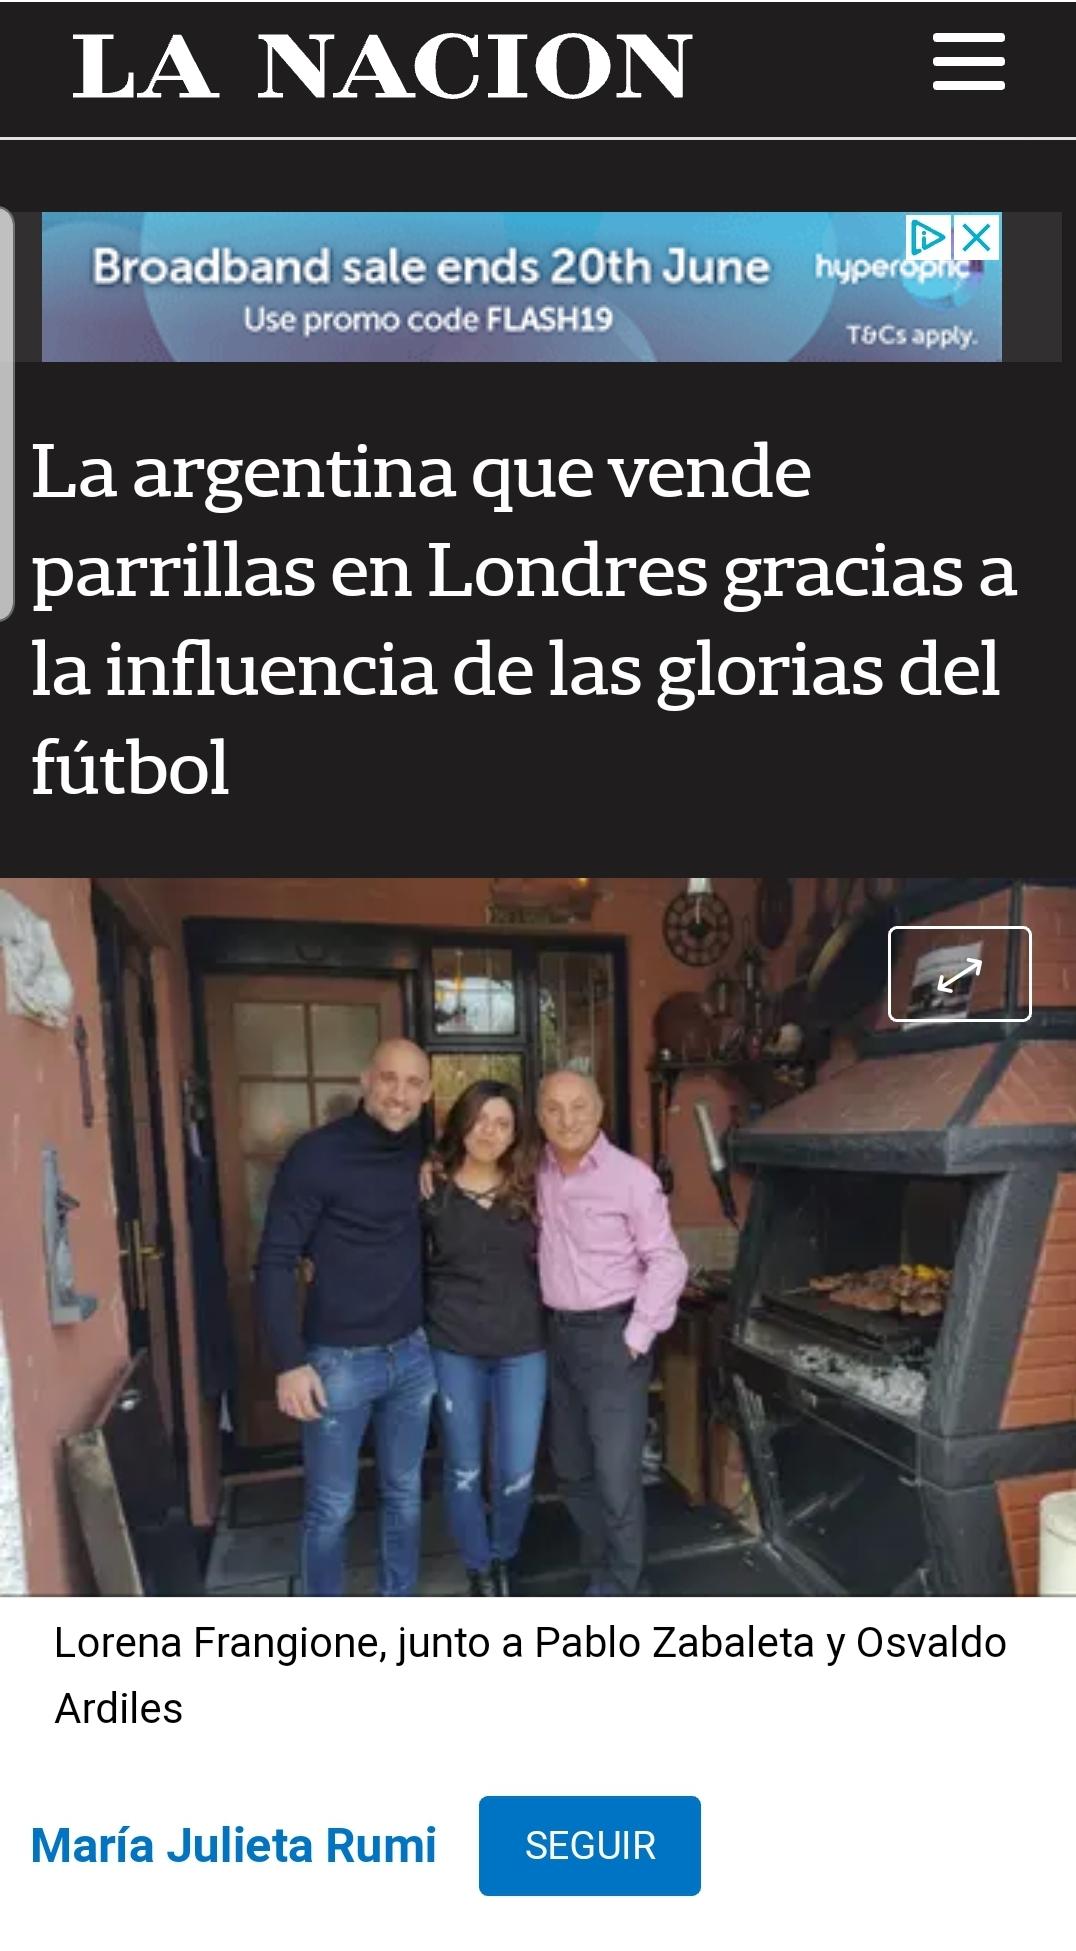 La Nacion Newspaper, Argentina May 2018 - Written by Maria Julieta Rumihttps://www.lanacion.com.ar/economia/la-argentina-que-vende-parrillas-en-londres-gracias-a-la-influencia-de-las-glorias-del-futbol-nid2127027